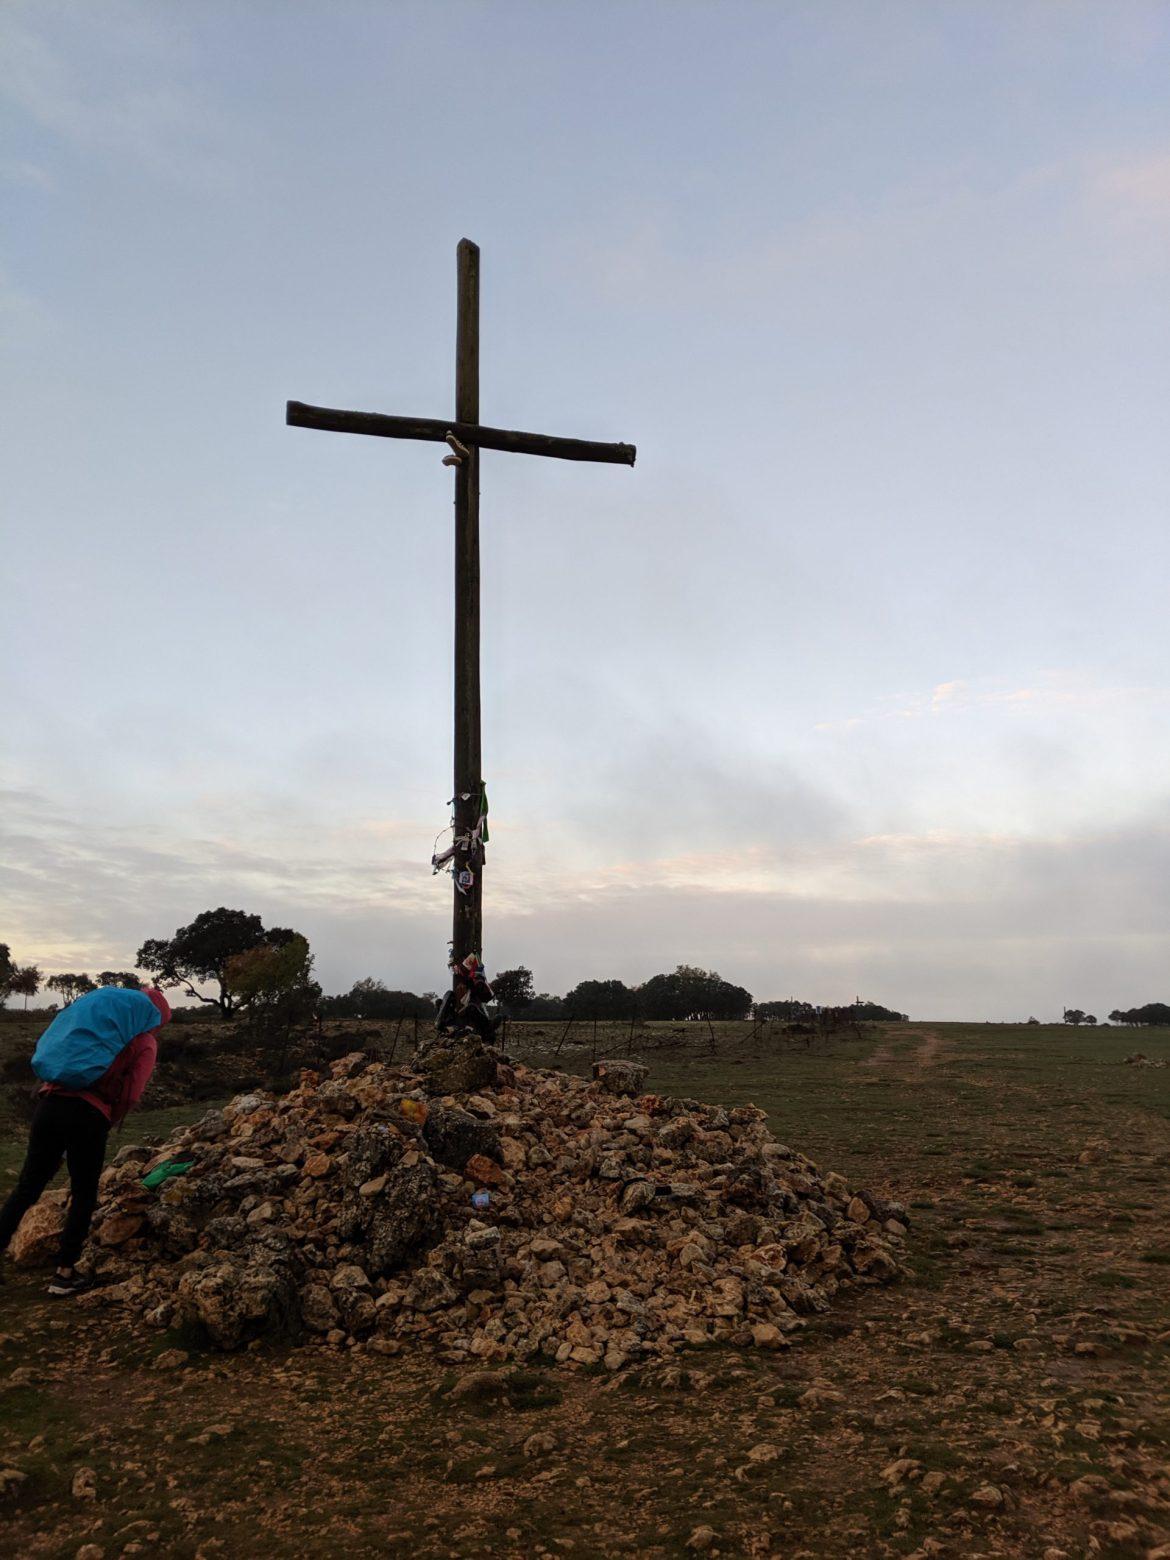 atapuerca to burgos, camino de santiago